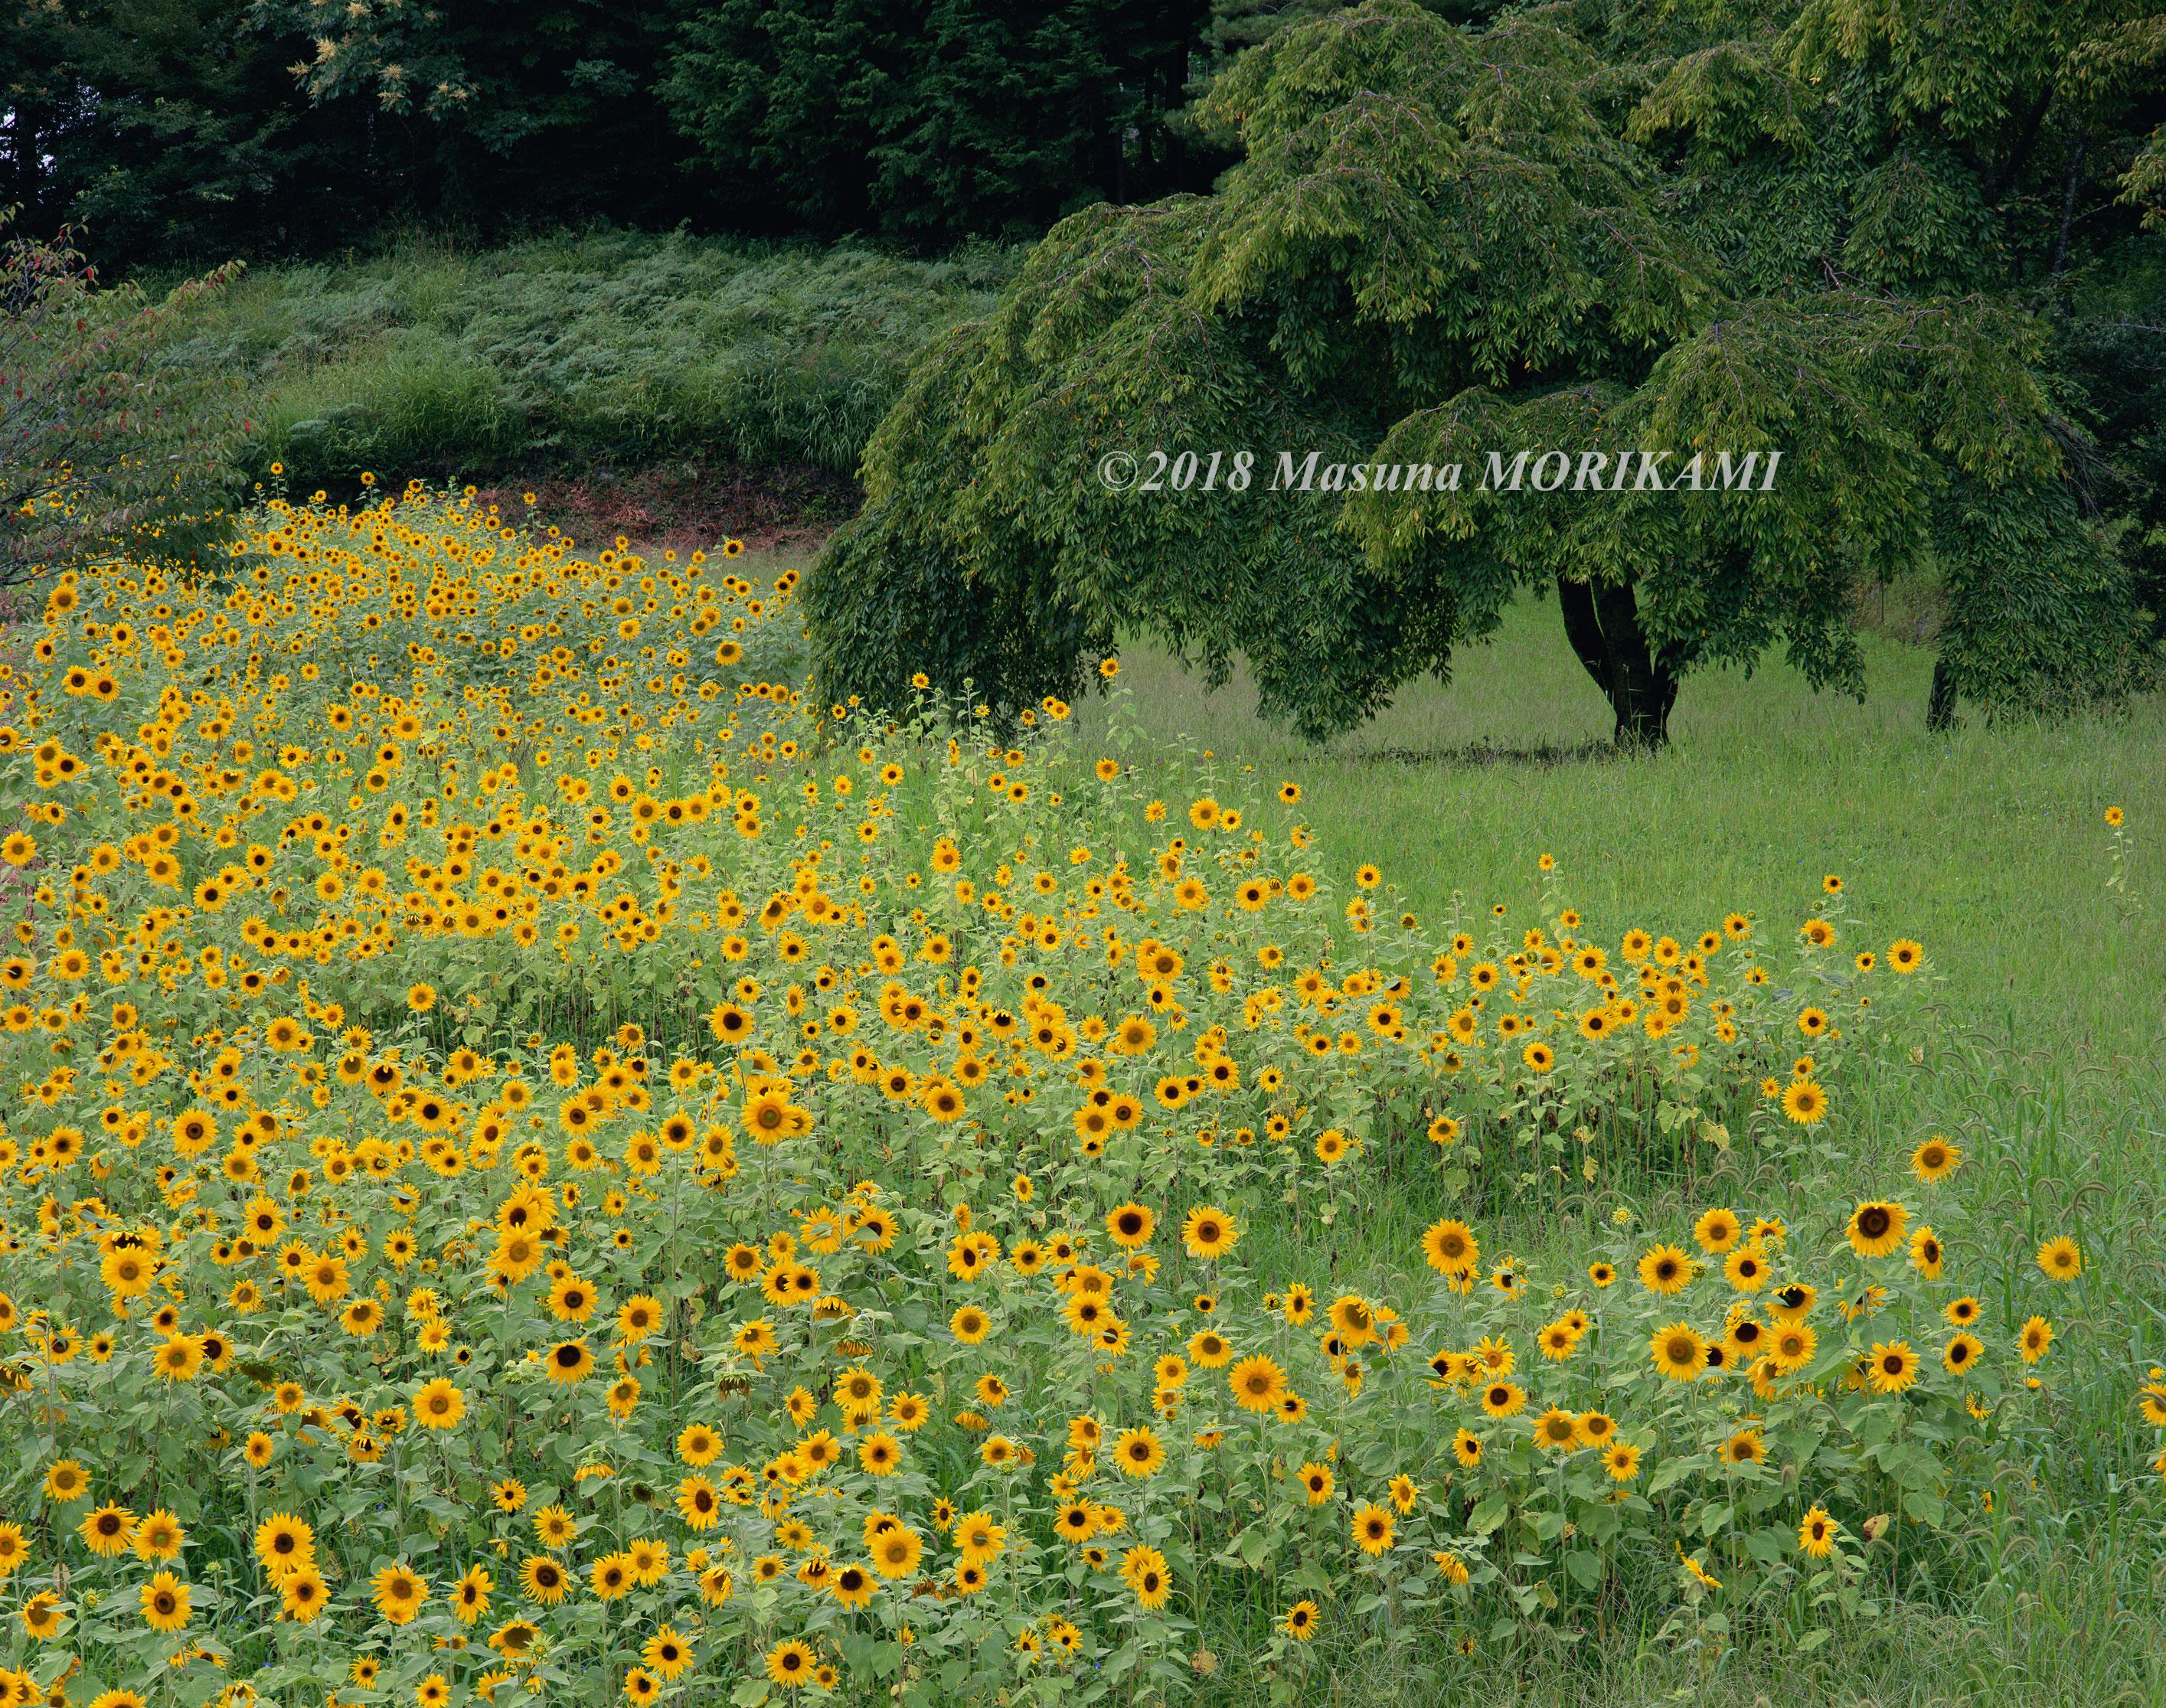 11 夏色のにぎわい/長野県売木村/2007.8.25 13:10